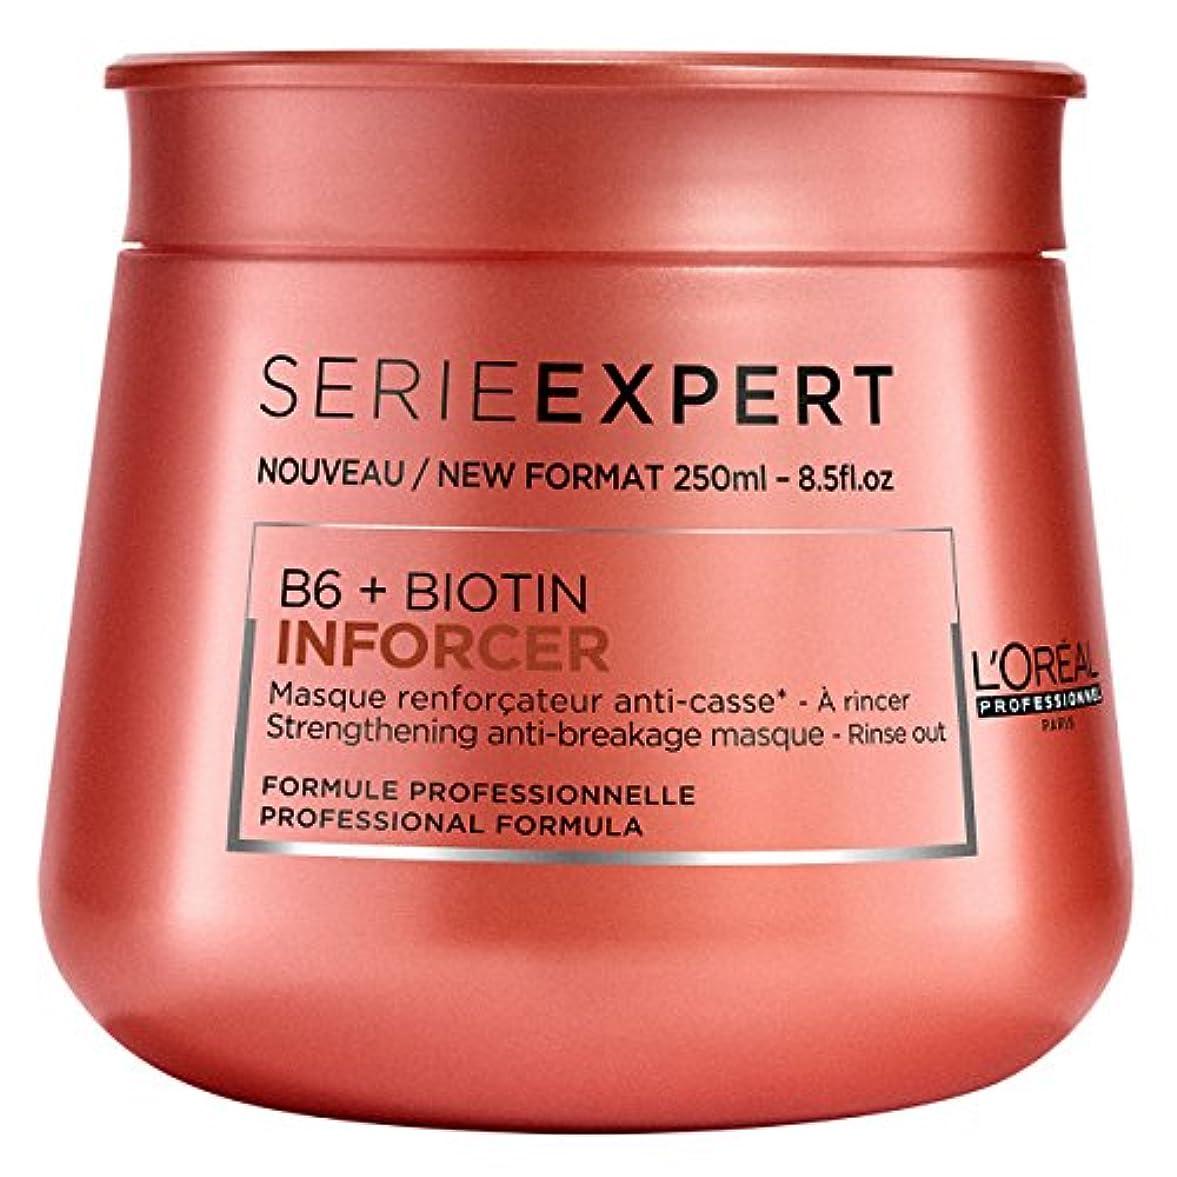 コジオスコスマッシュ重要性L'Oreal Serie Expert B6 + Biotin INFORCER Strengthening Anti-Breakage Masque 250 ml [並行輸入品]